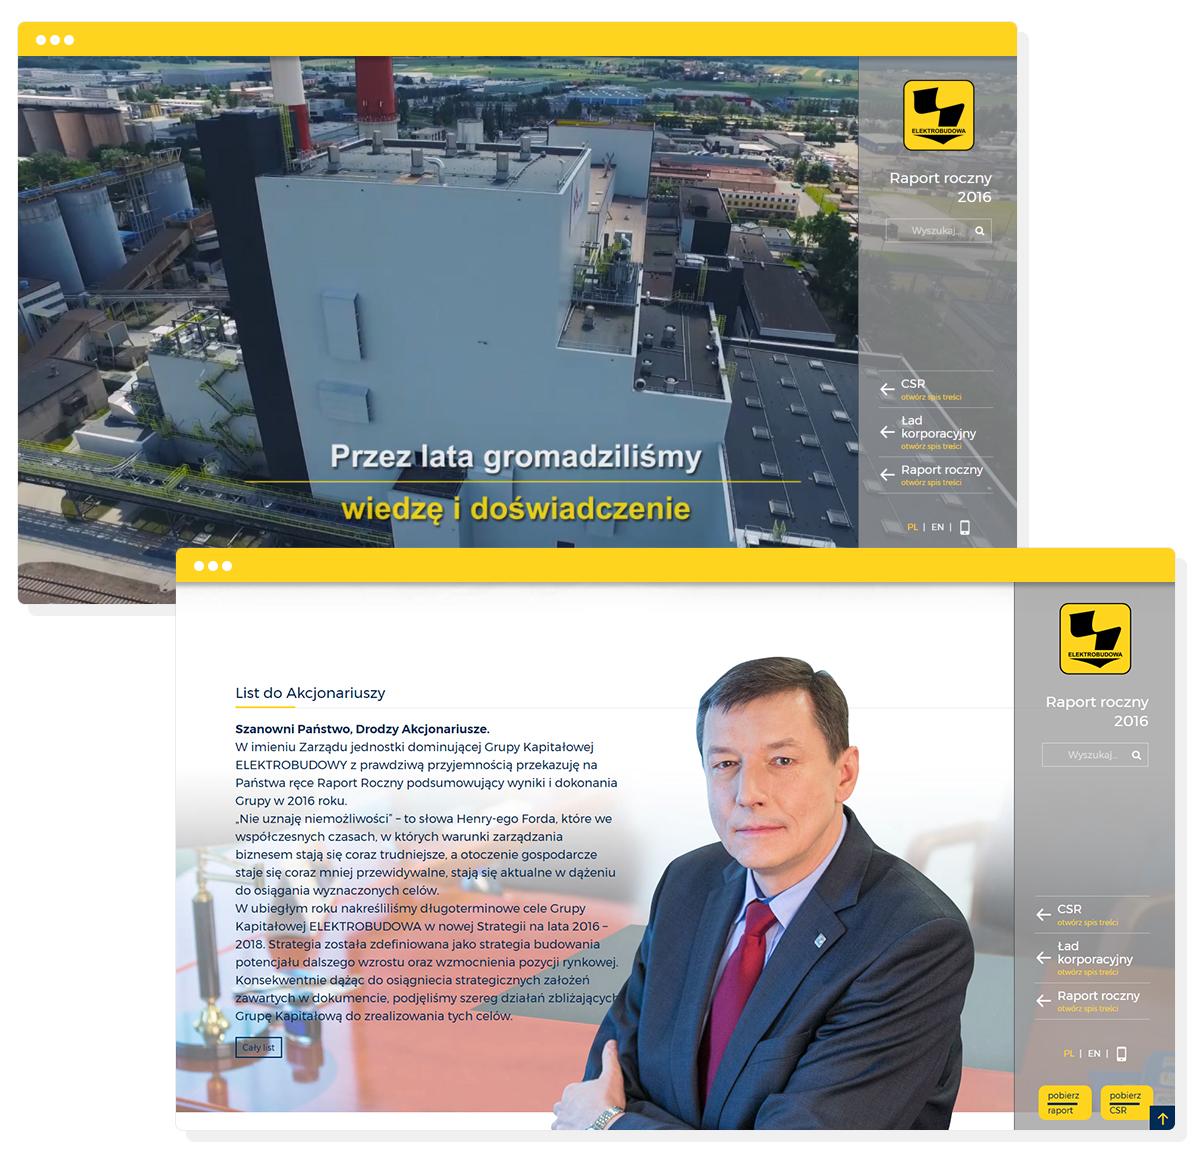 raport roczny online - raport giełdowy projekt zintegrowany